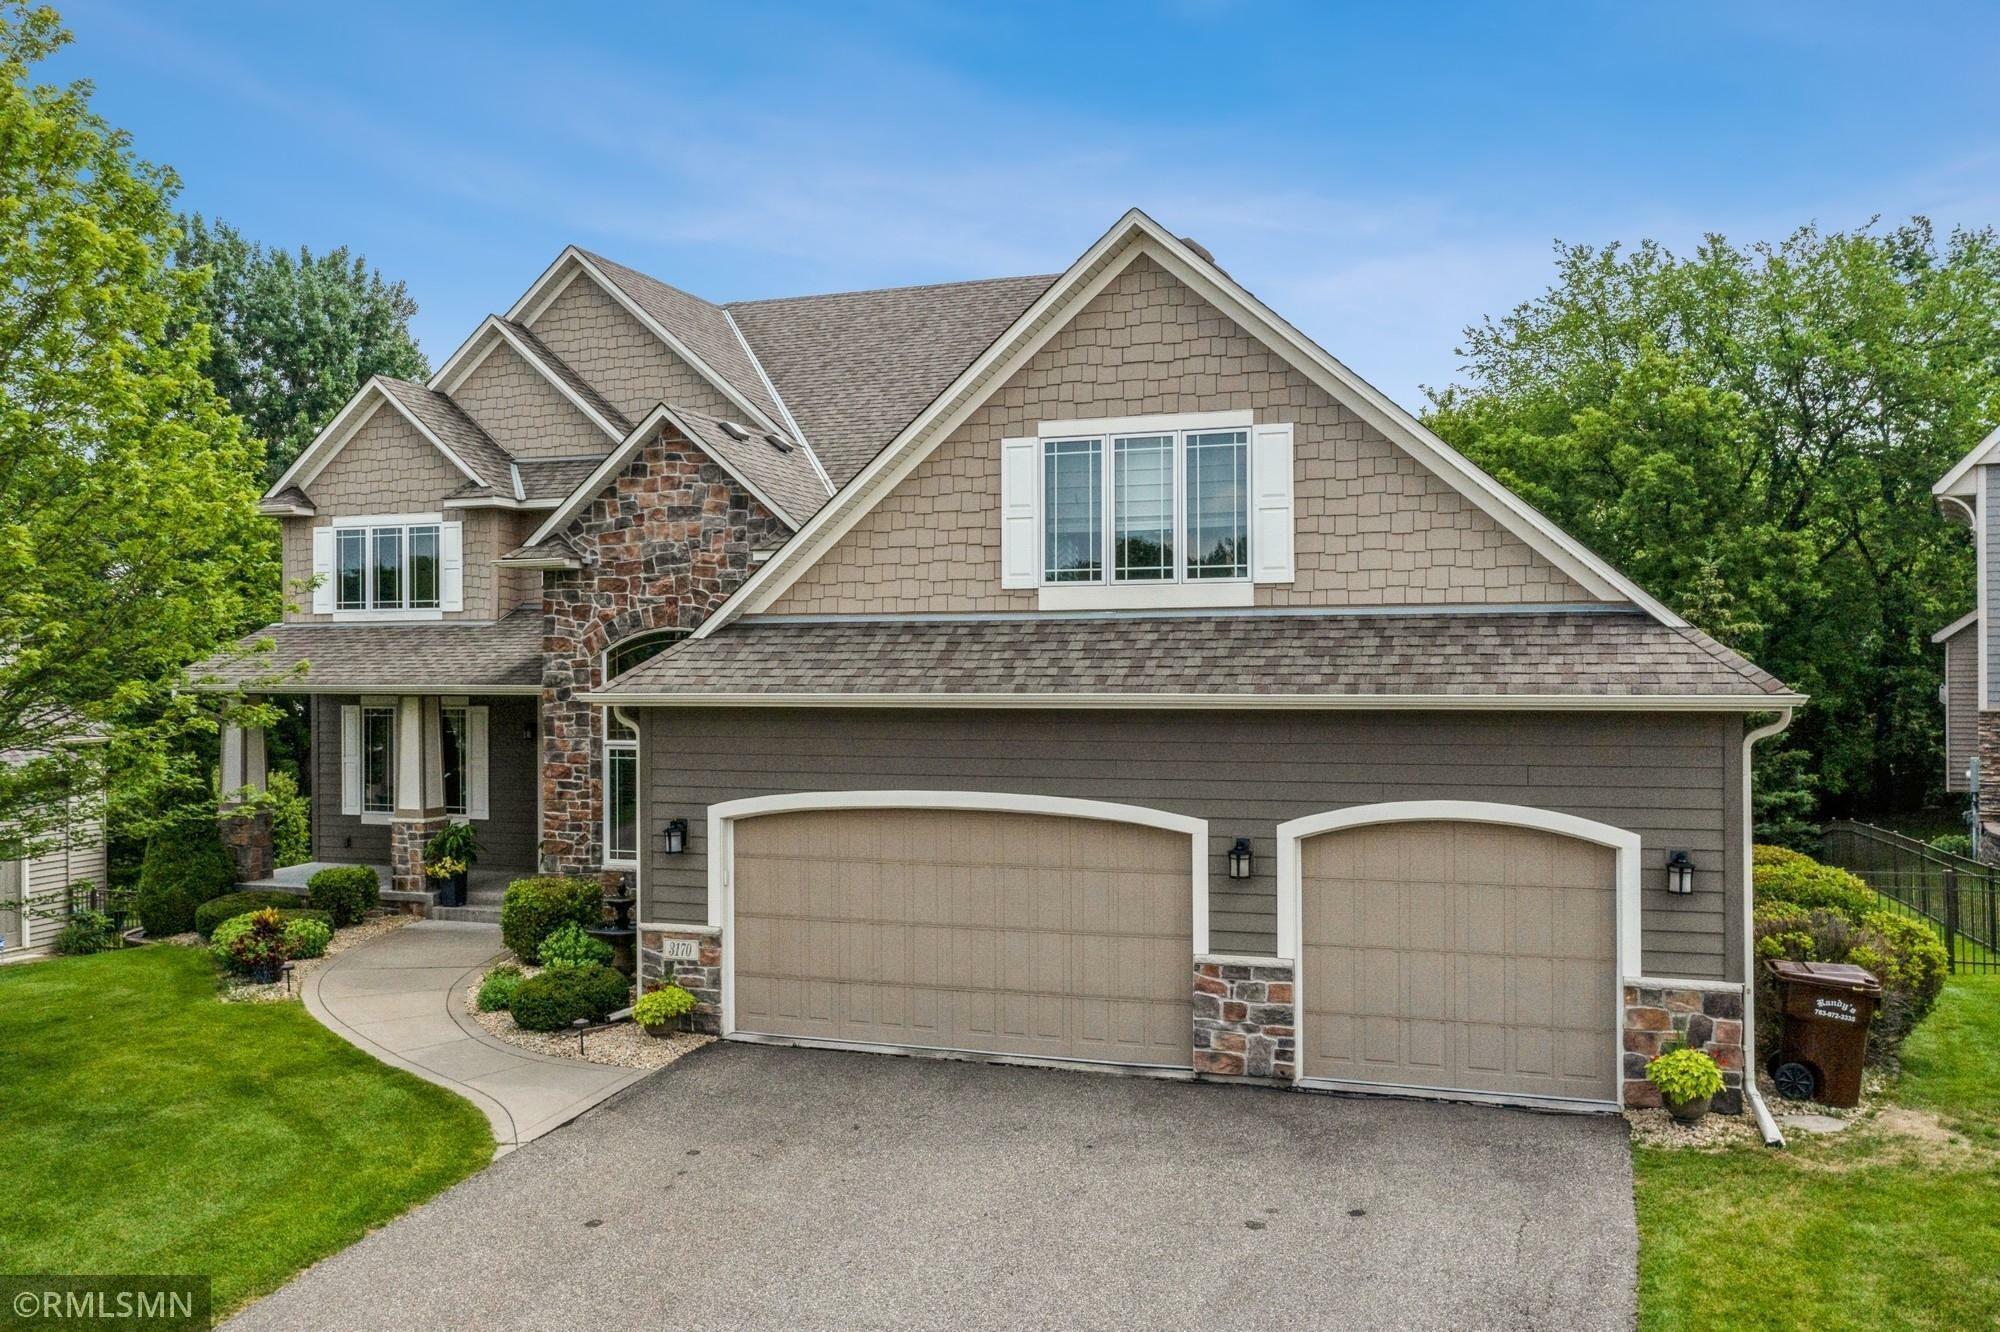 Дом в Плимут, Миннесота, Соединенные Штаты Америки 1 - 11548875